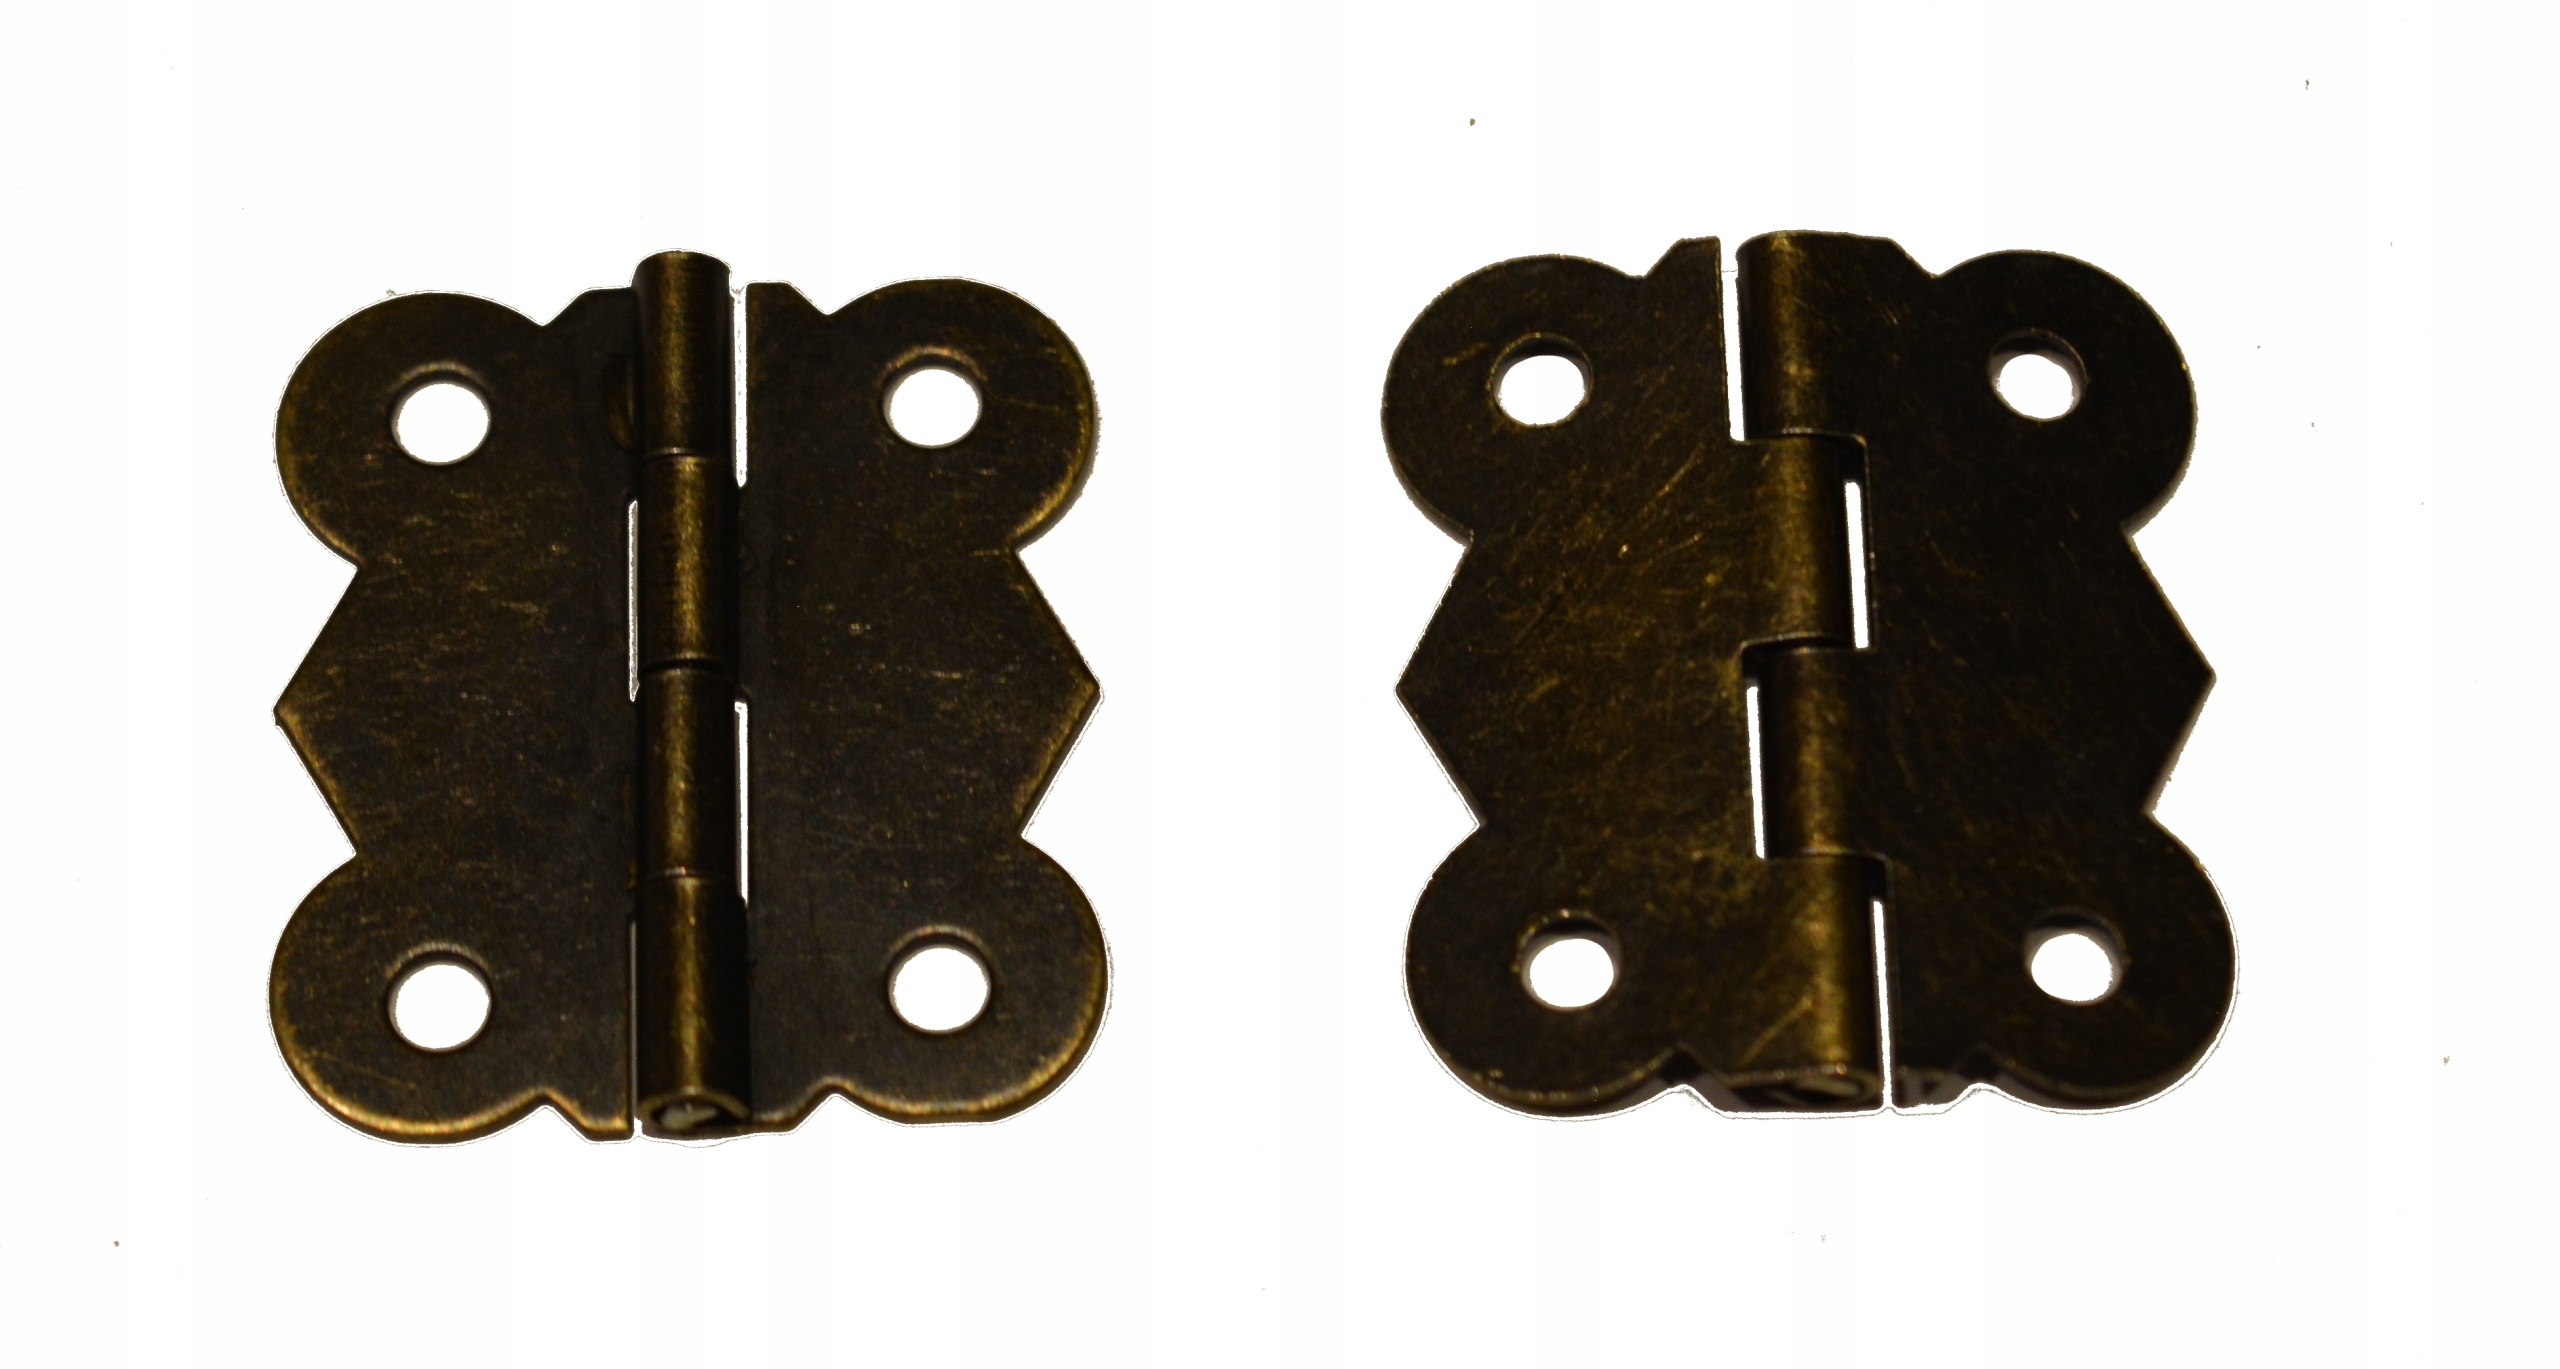 Zawias metalowy duży ozdobny do pudełka 27x30